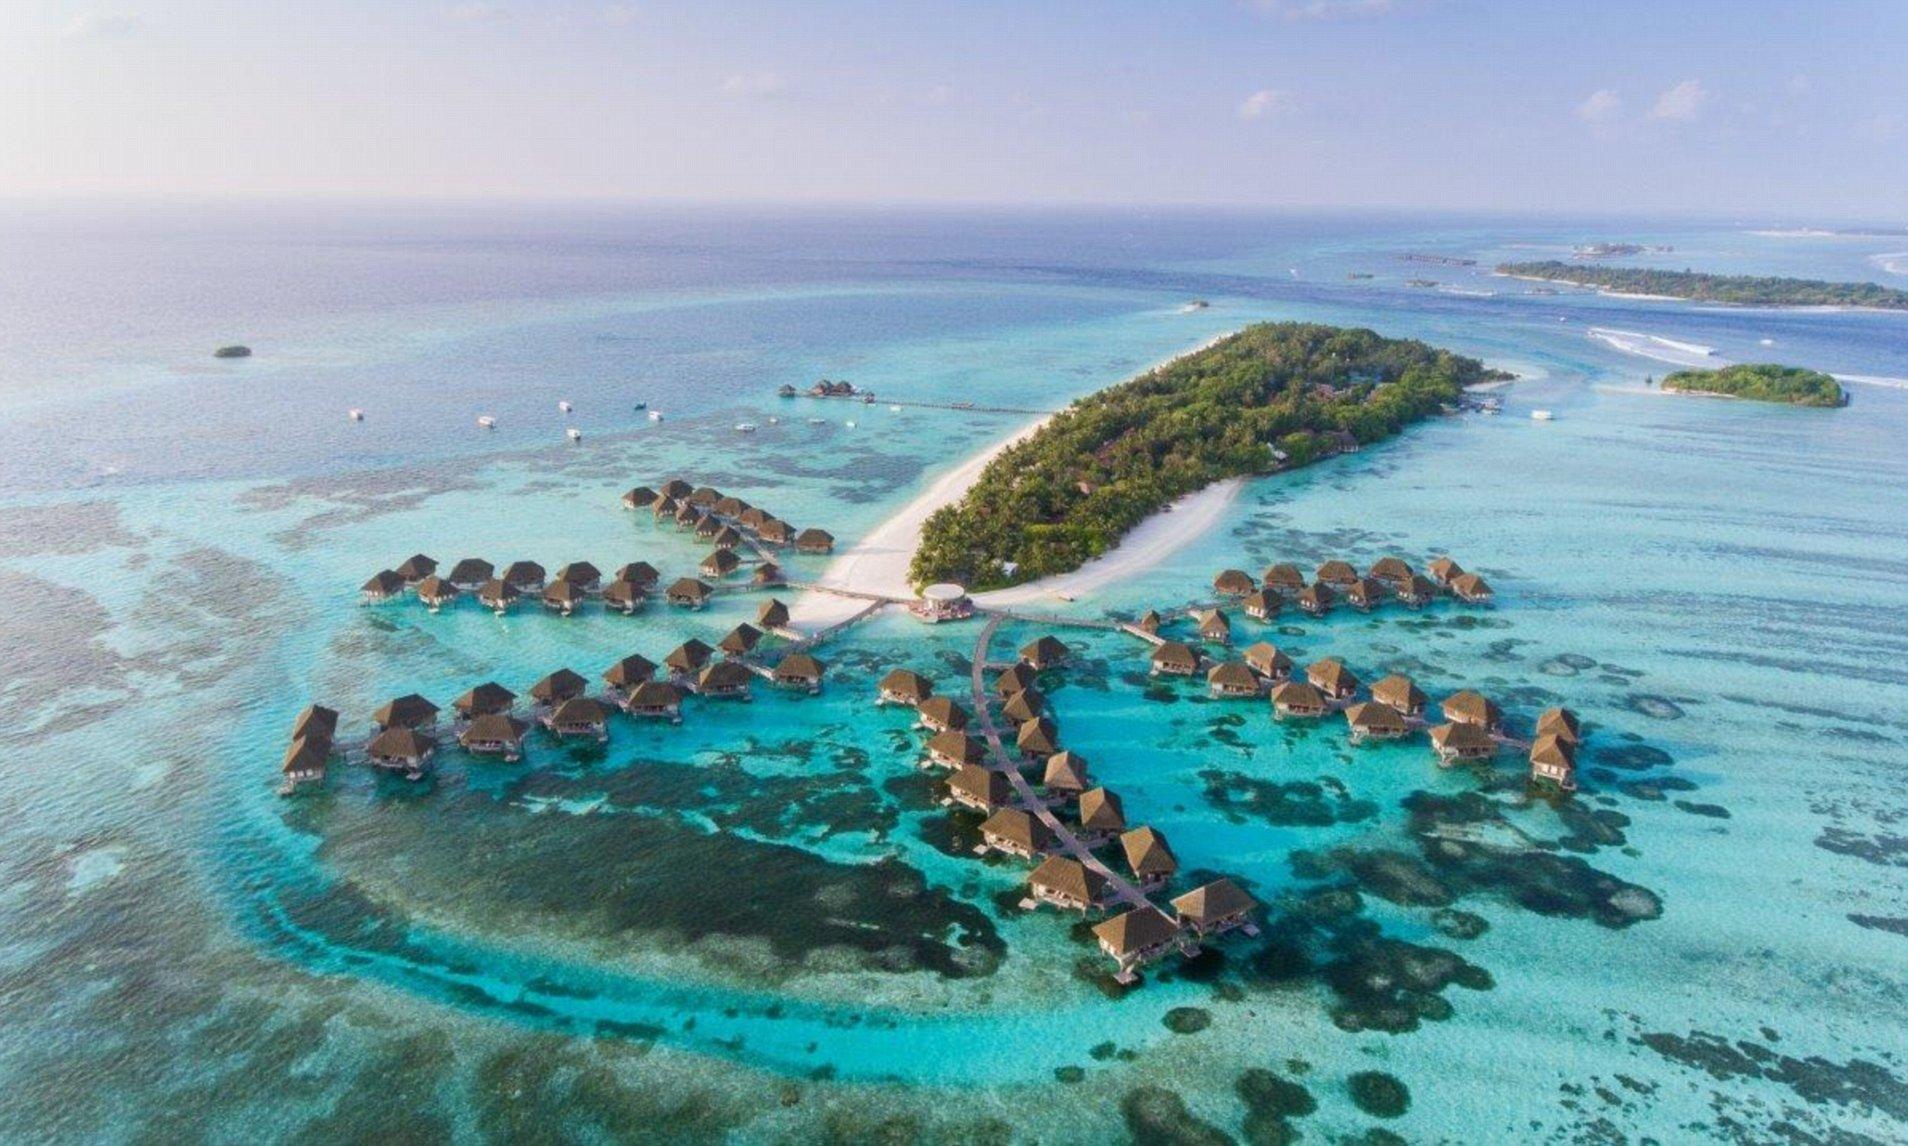 全球暖化導致水位上升,令馬爾代夫瀕臨被淹沒的危機。